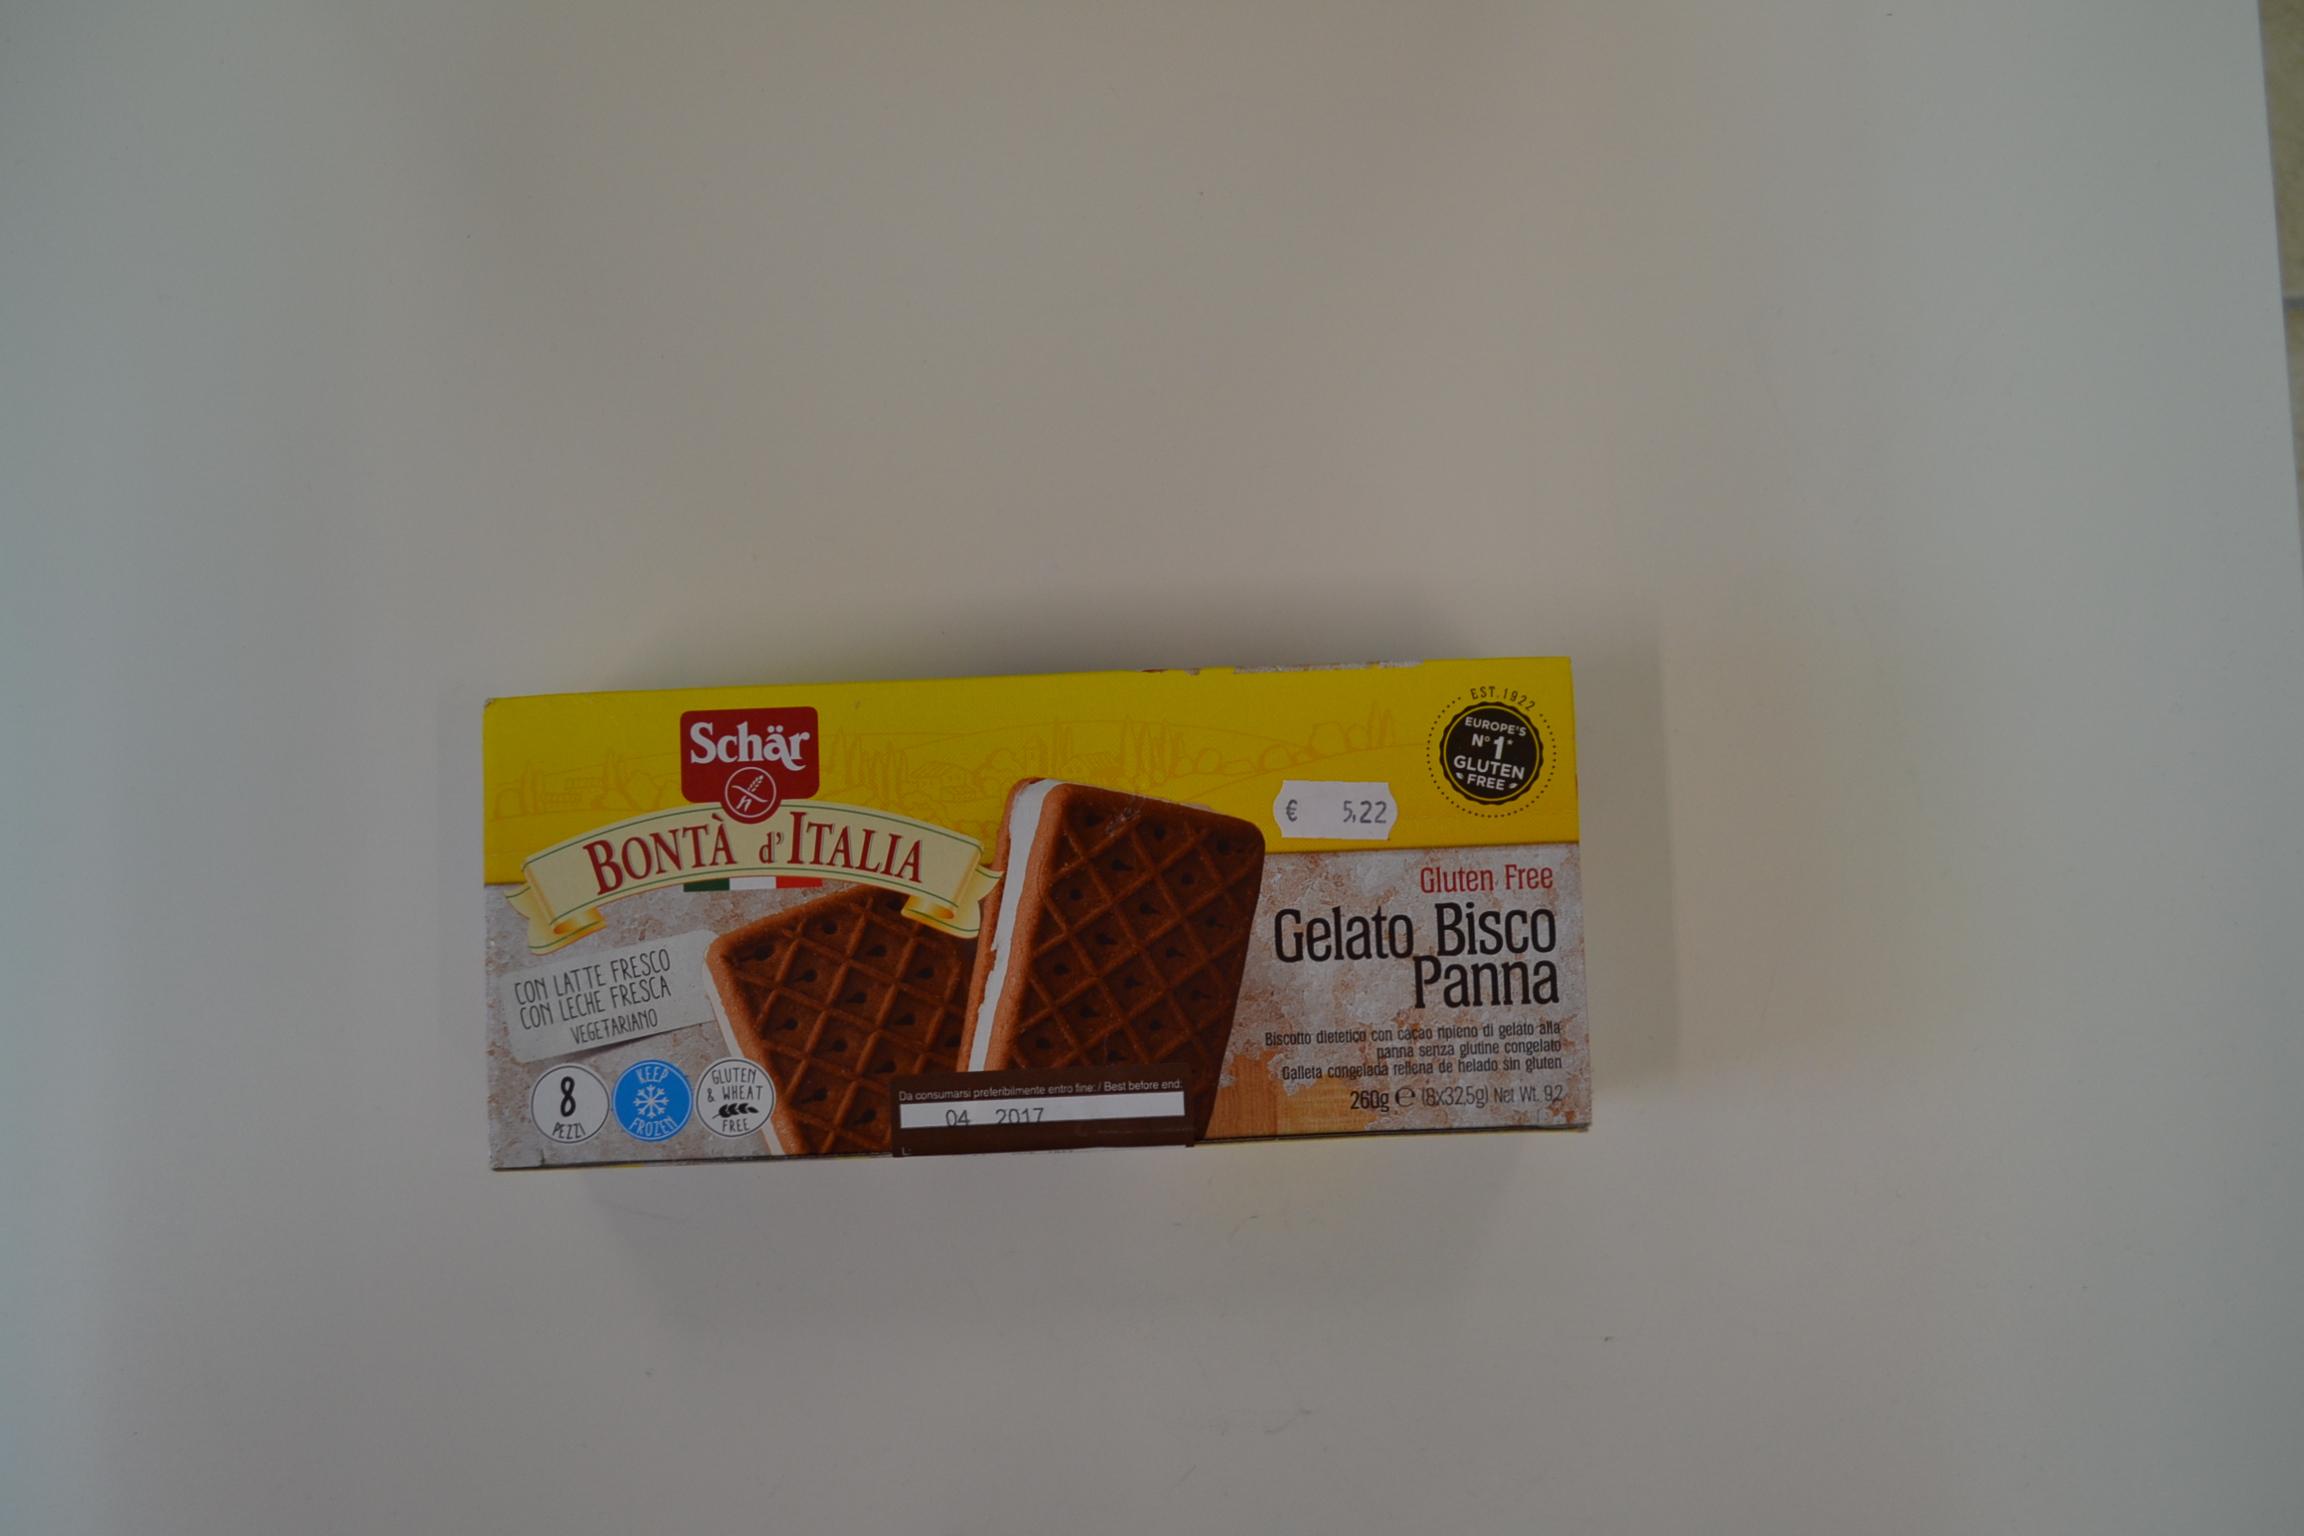 Gelato Bisco Panna SCHAR € 5,22